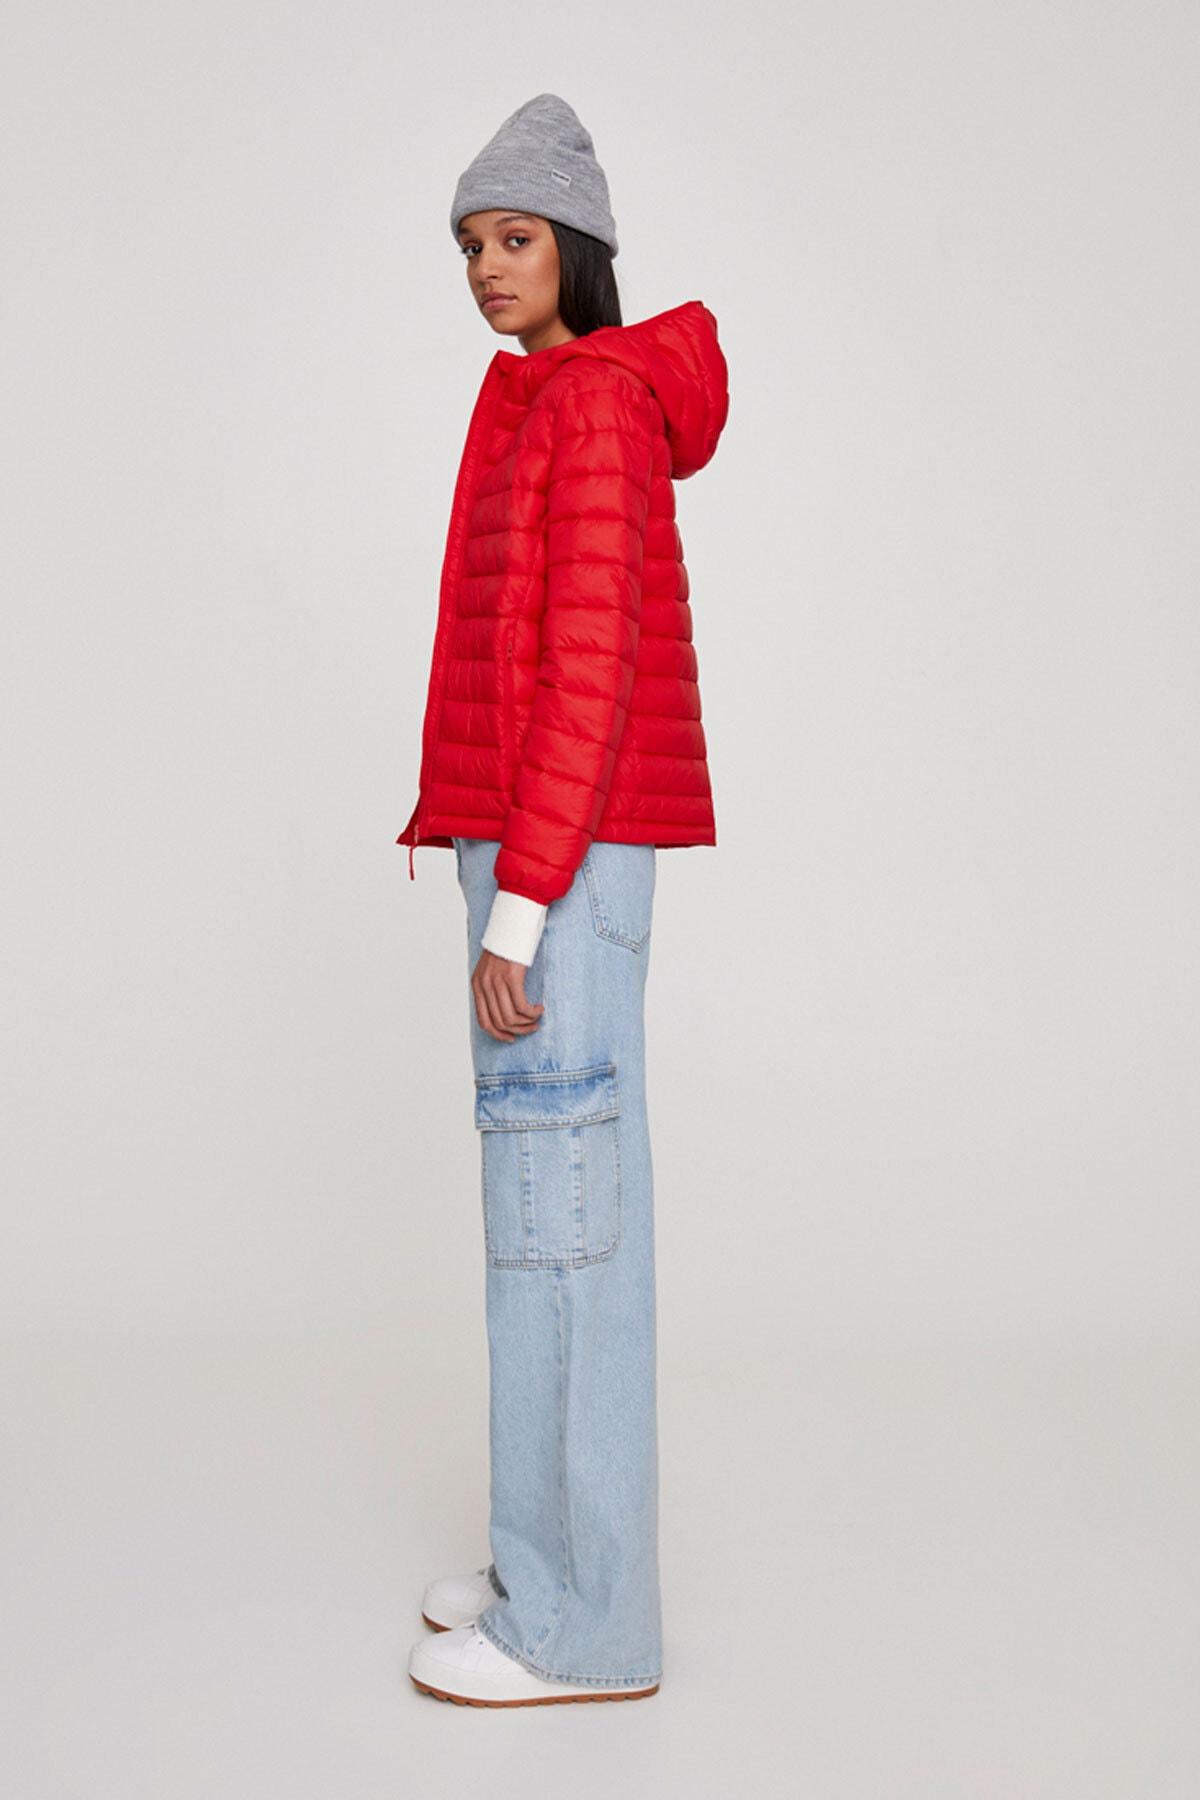 Pull & Bear Kadın Açık Kırmızı Basic Şişme Mont 09714333 2